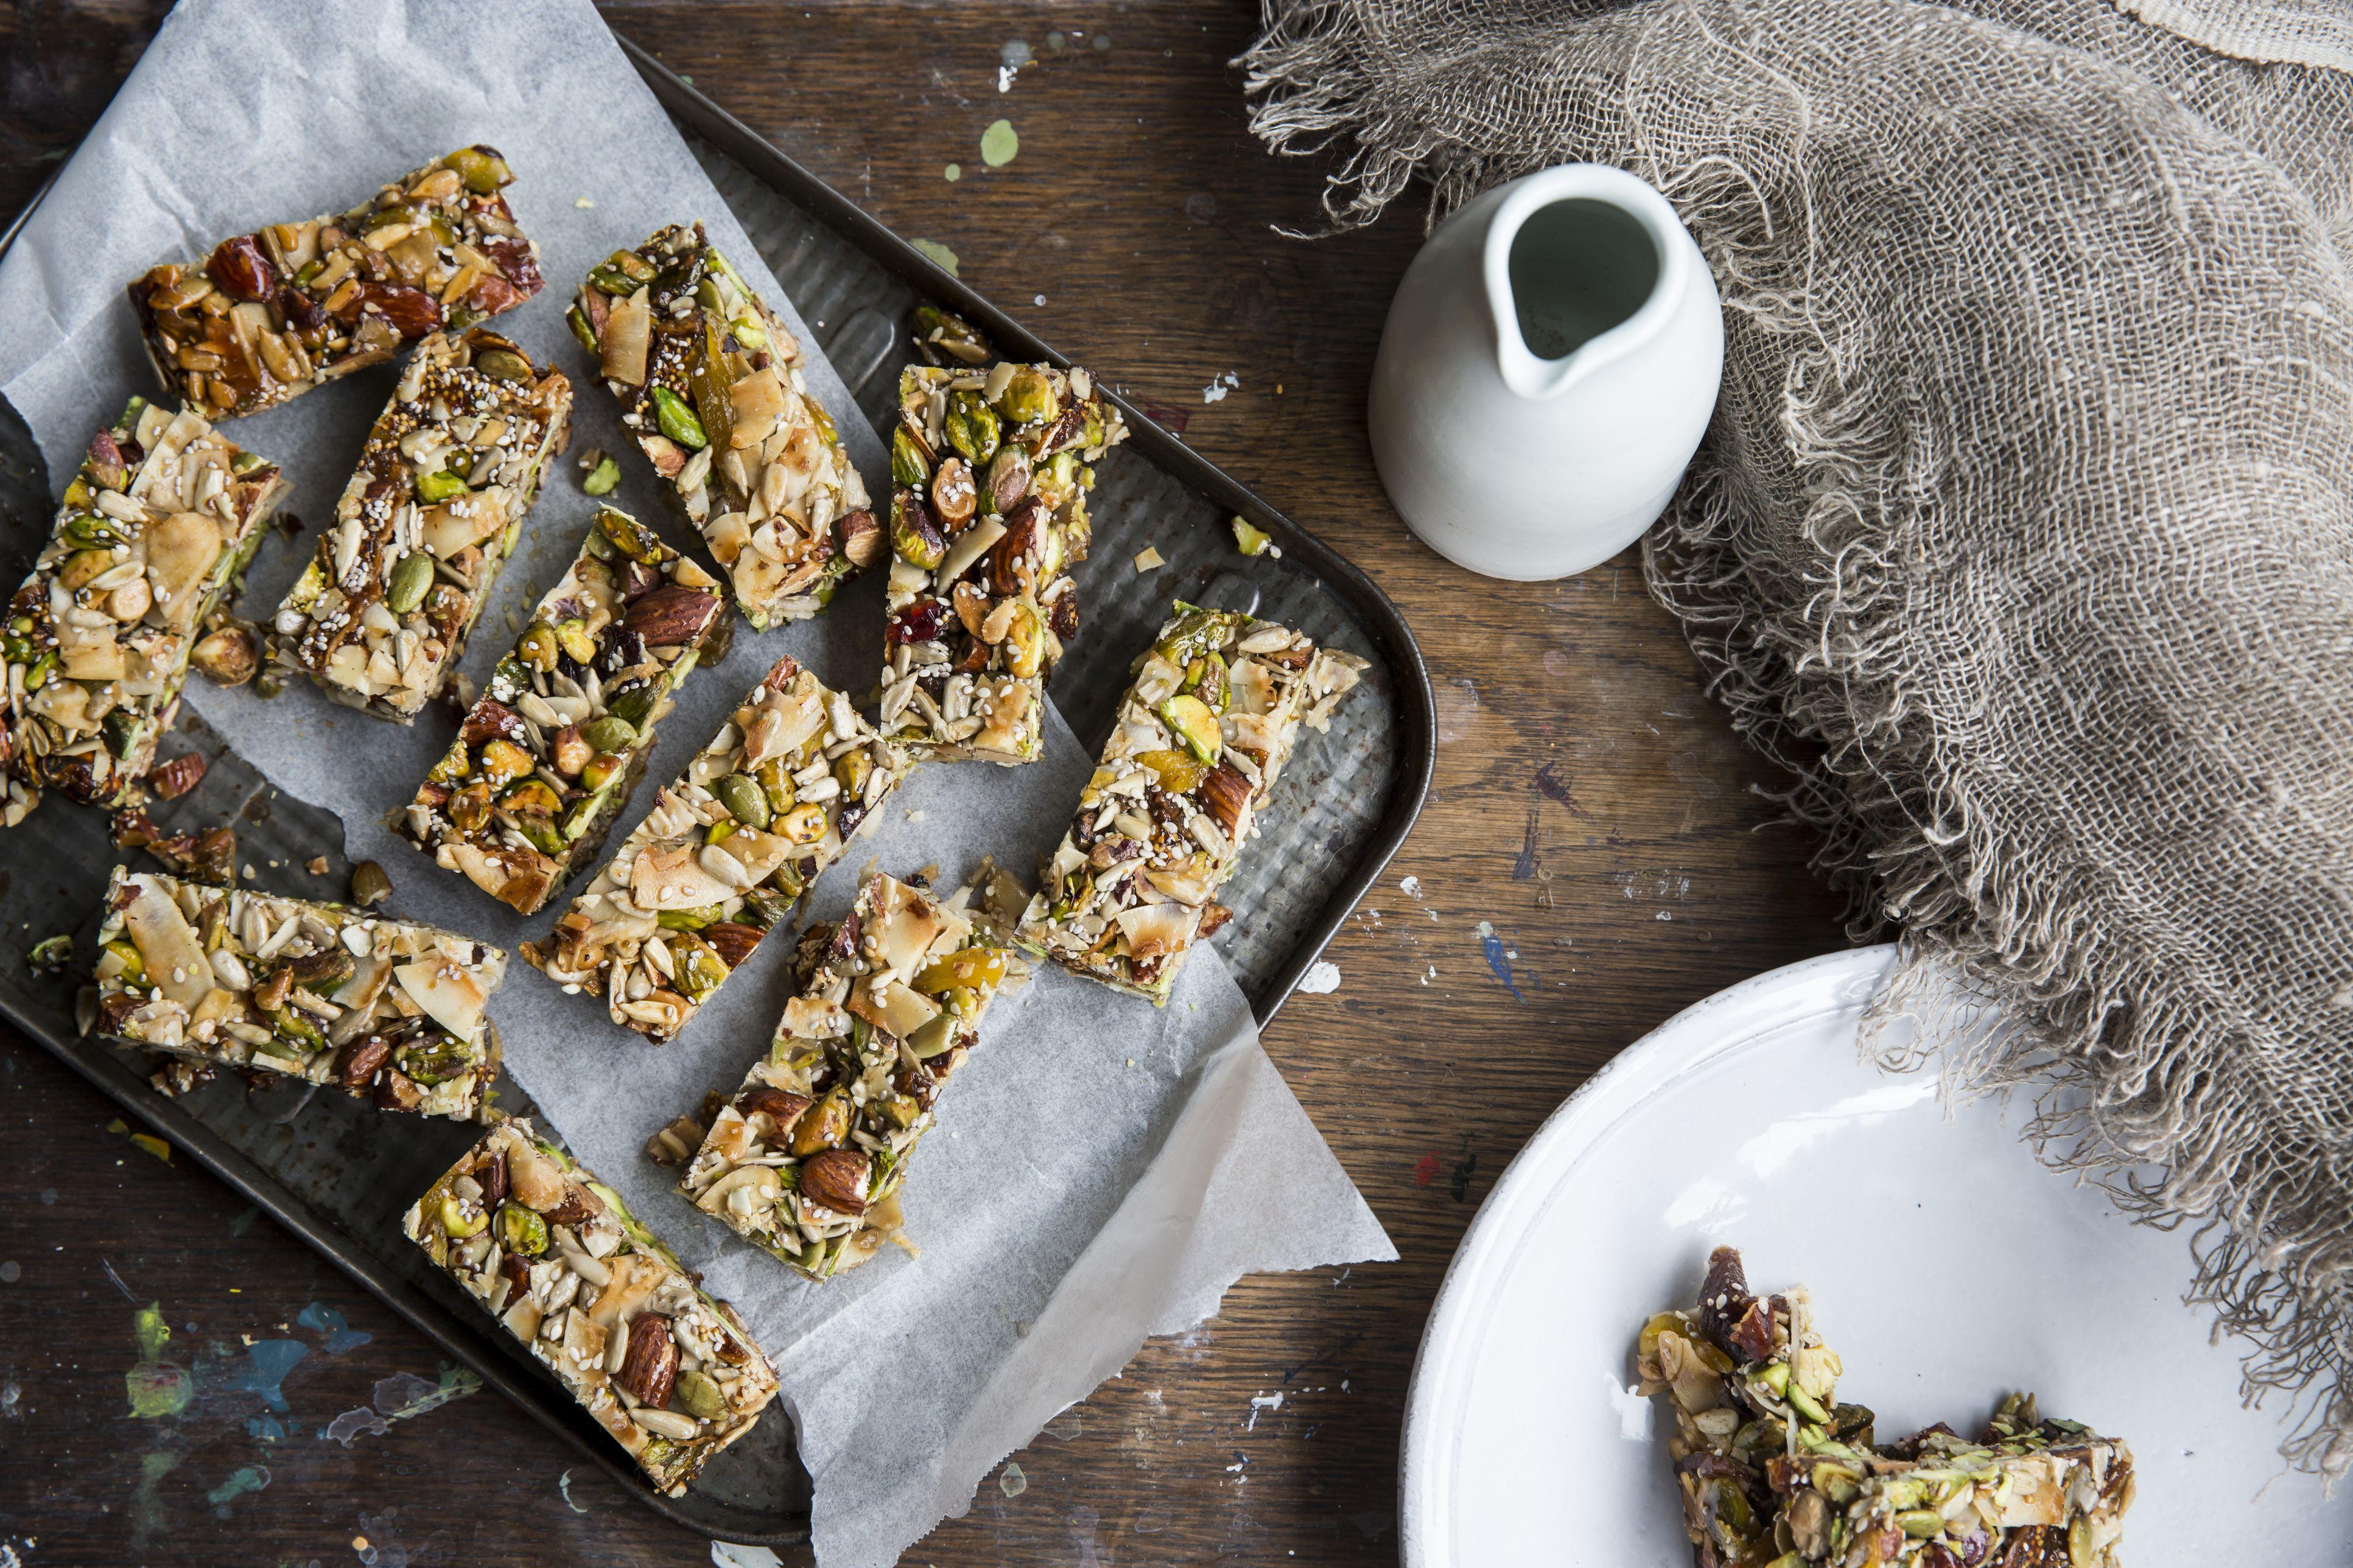 Homemade Low-Calorie Granola Bar Recipe